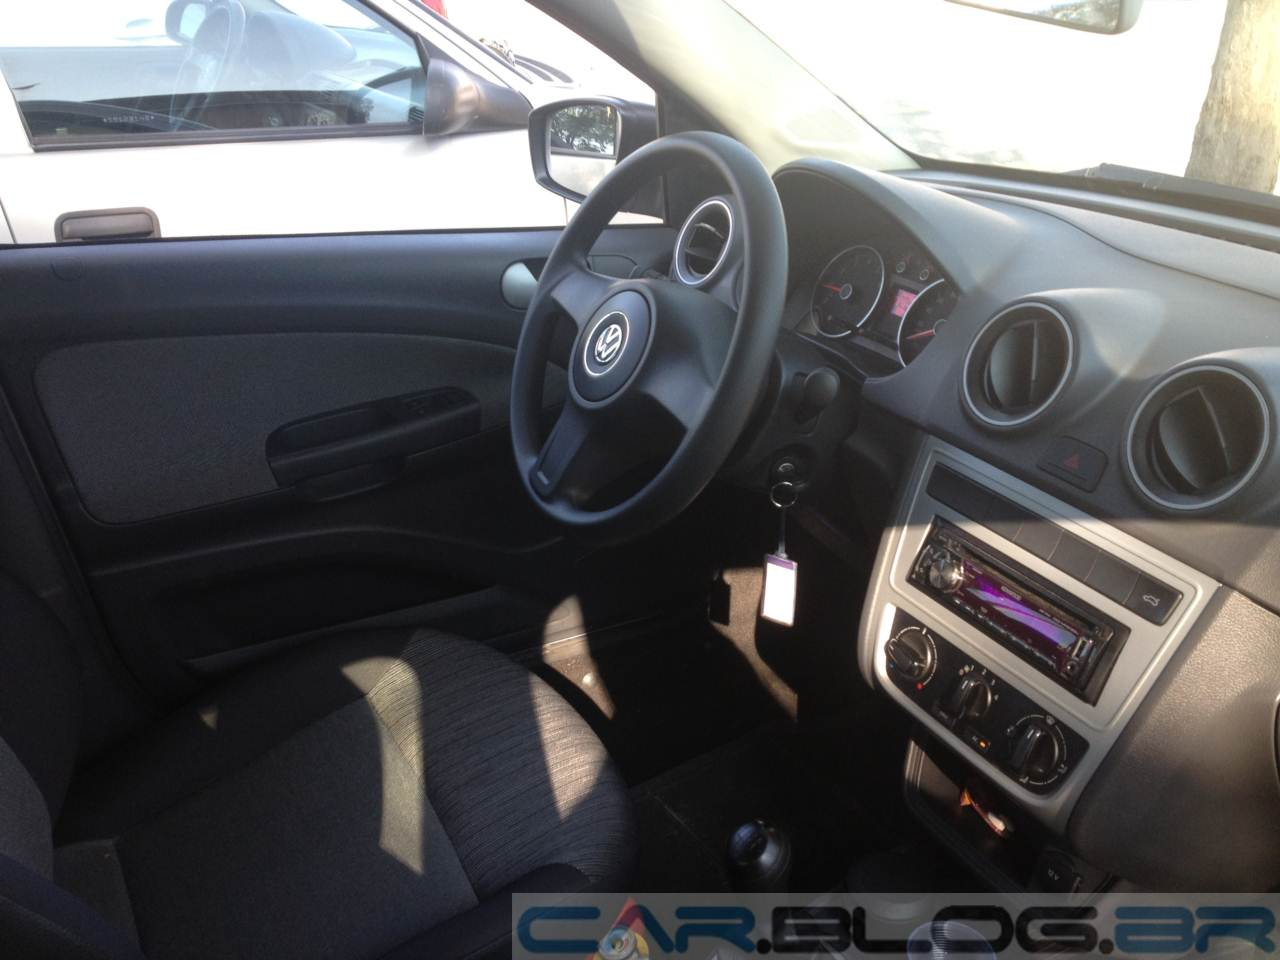 Volkswagen Gol 1.0 Trend - interior